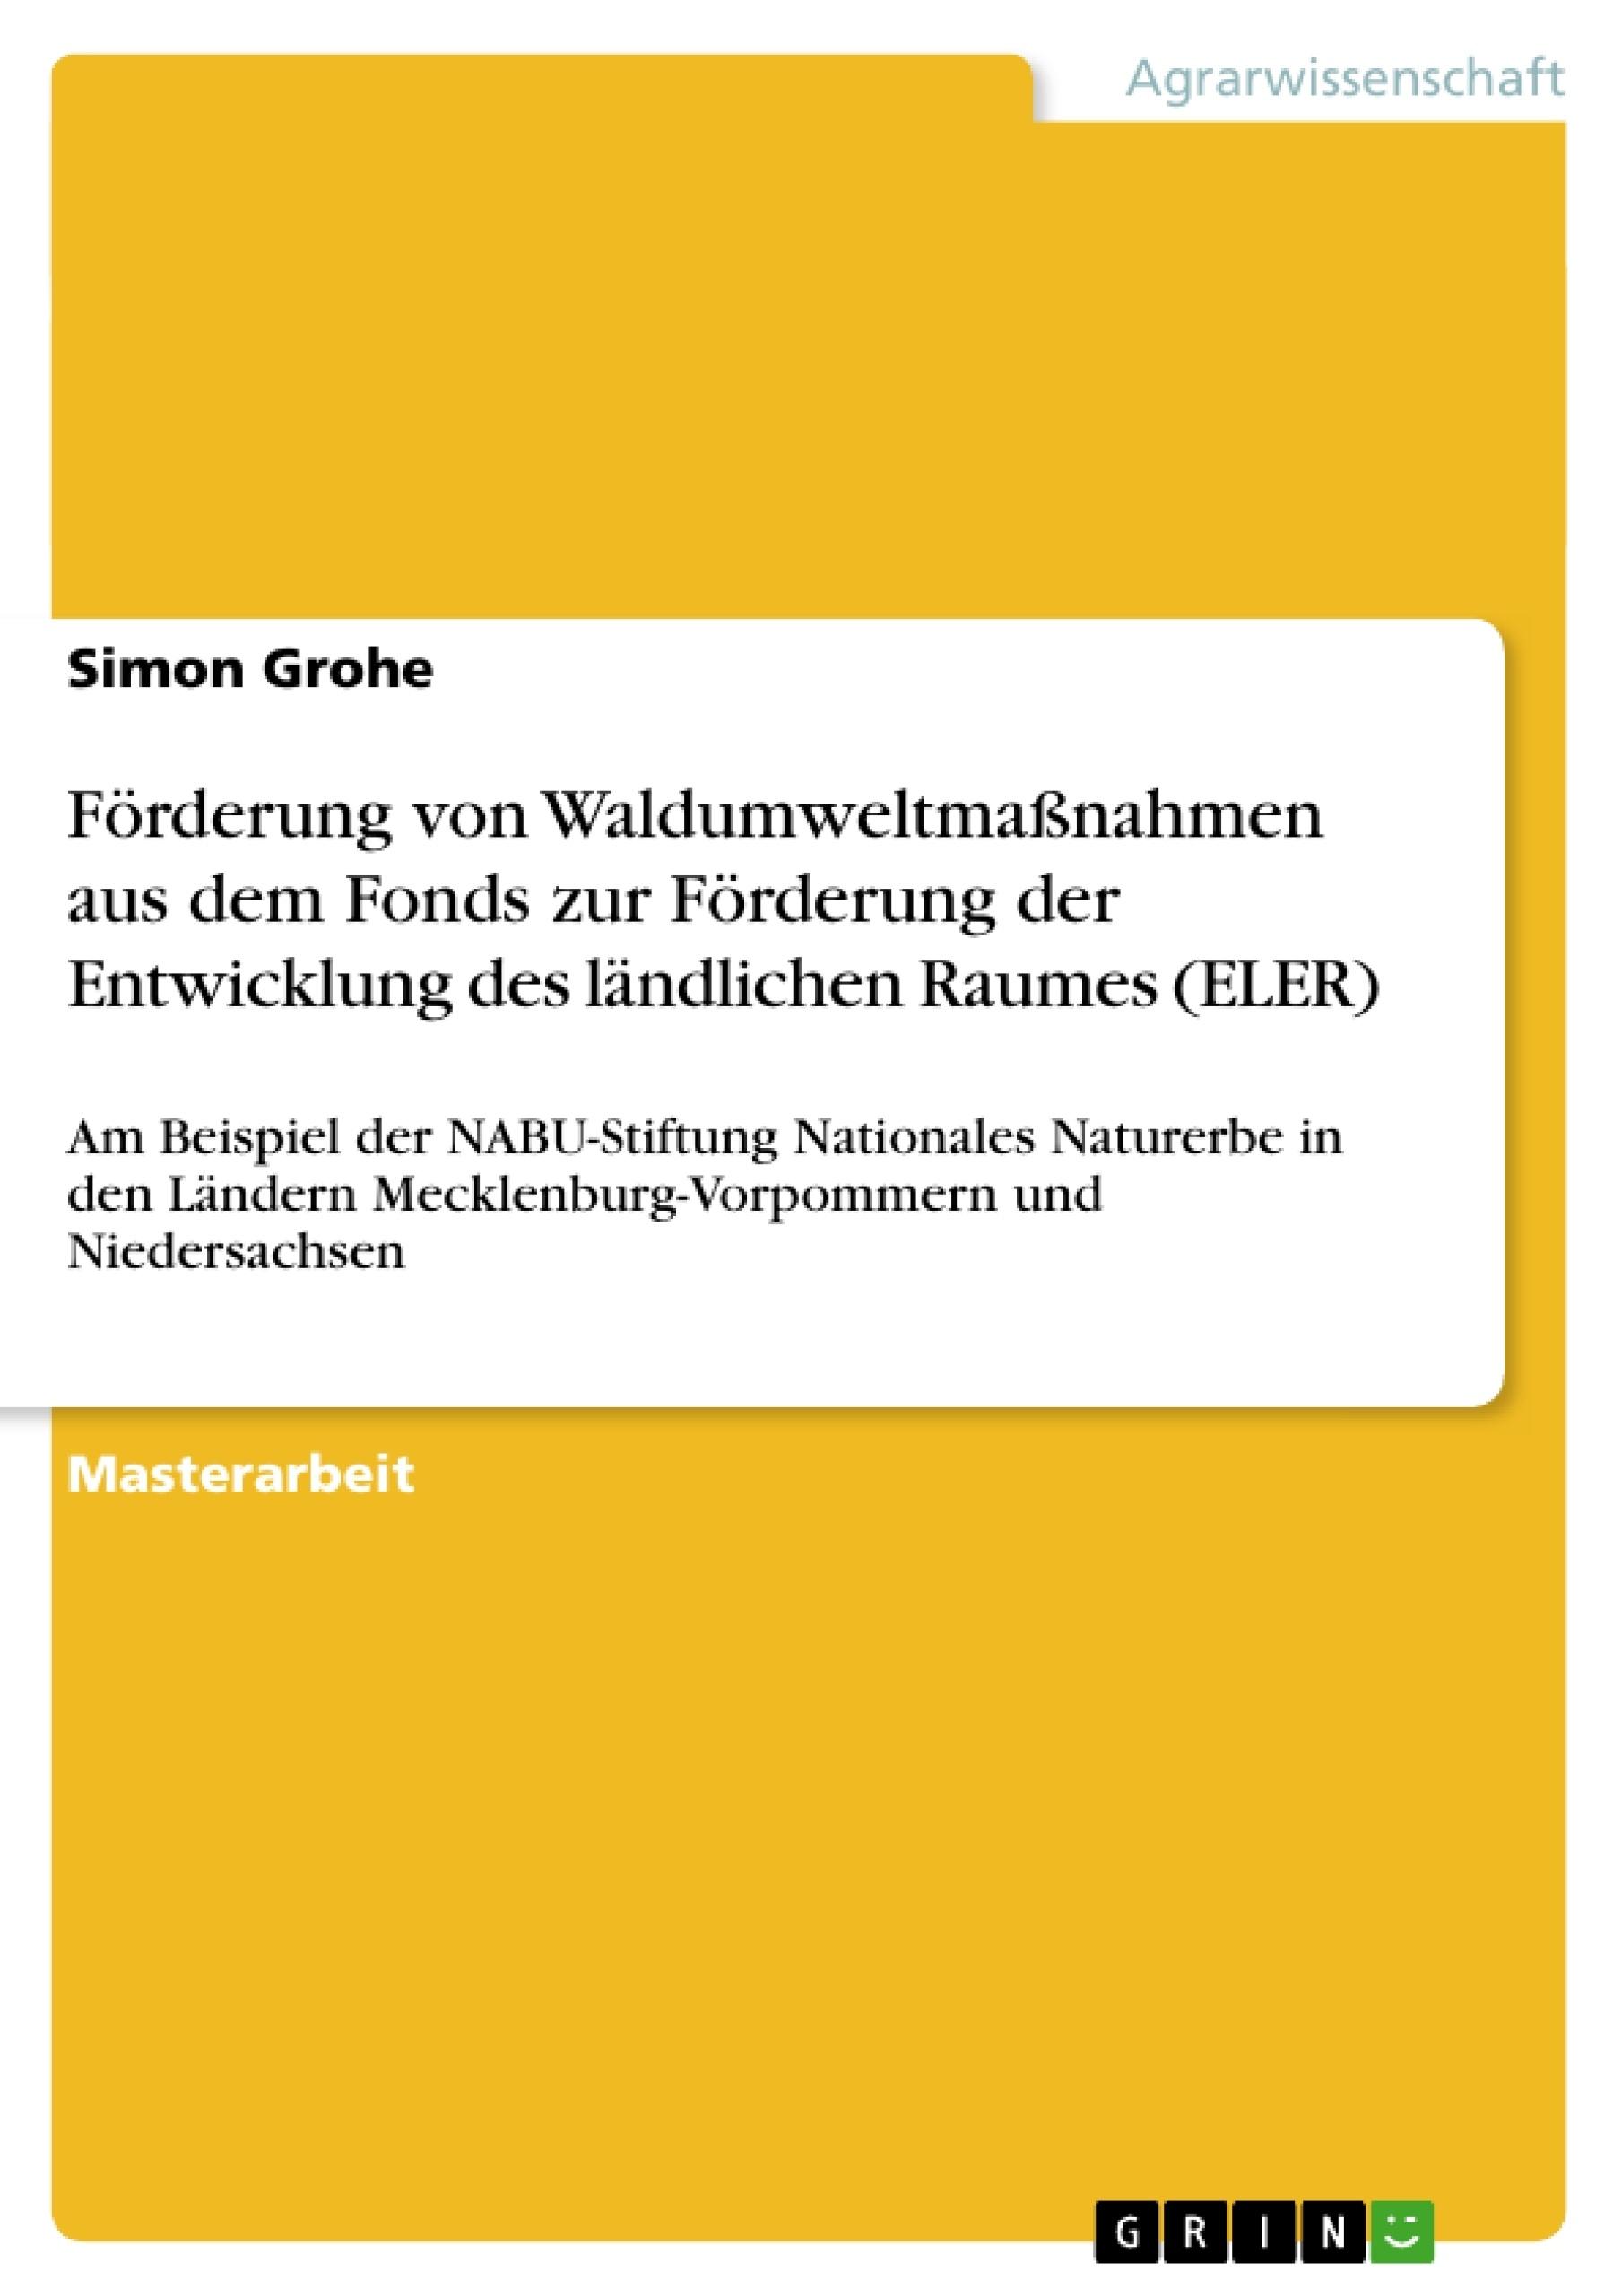 Titel: Förderung von Waldumweltmaßnahmen aus dem Fonds zur Förderung der Entwicklung des ländlichen Raumes (ELER)